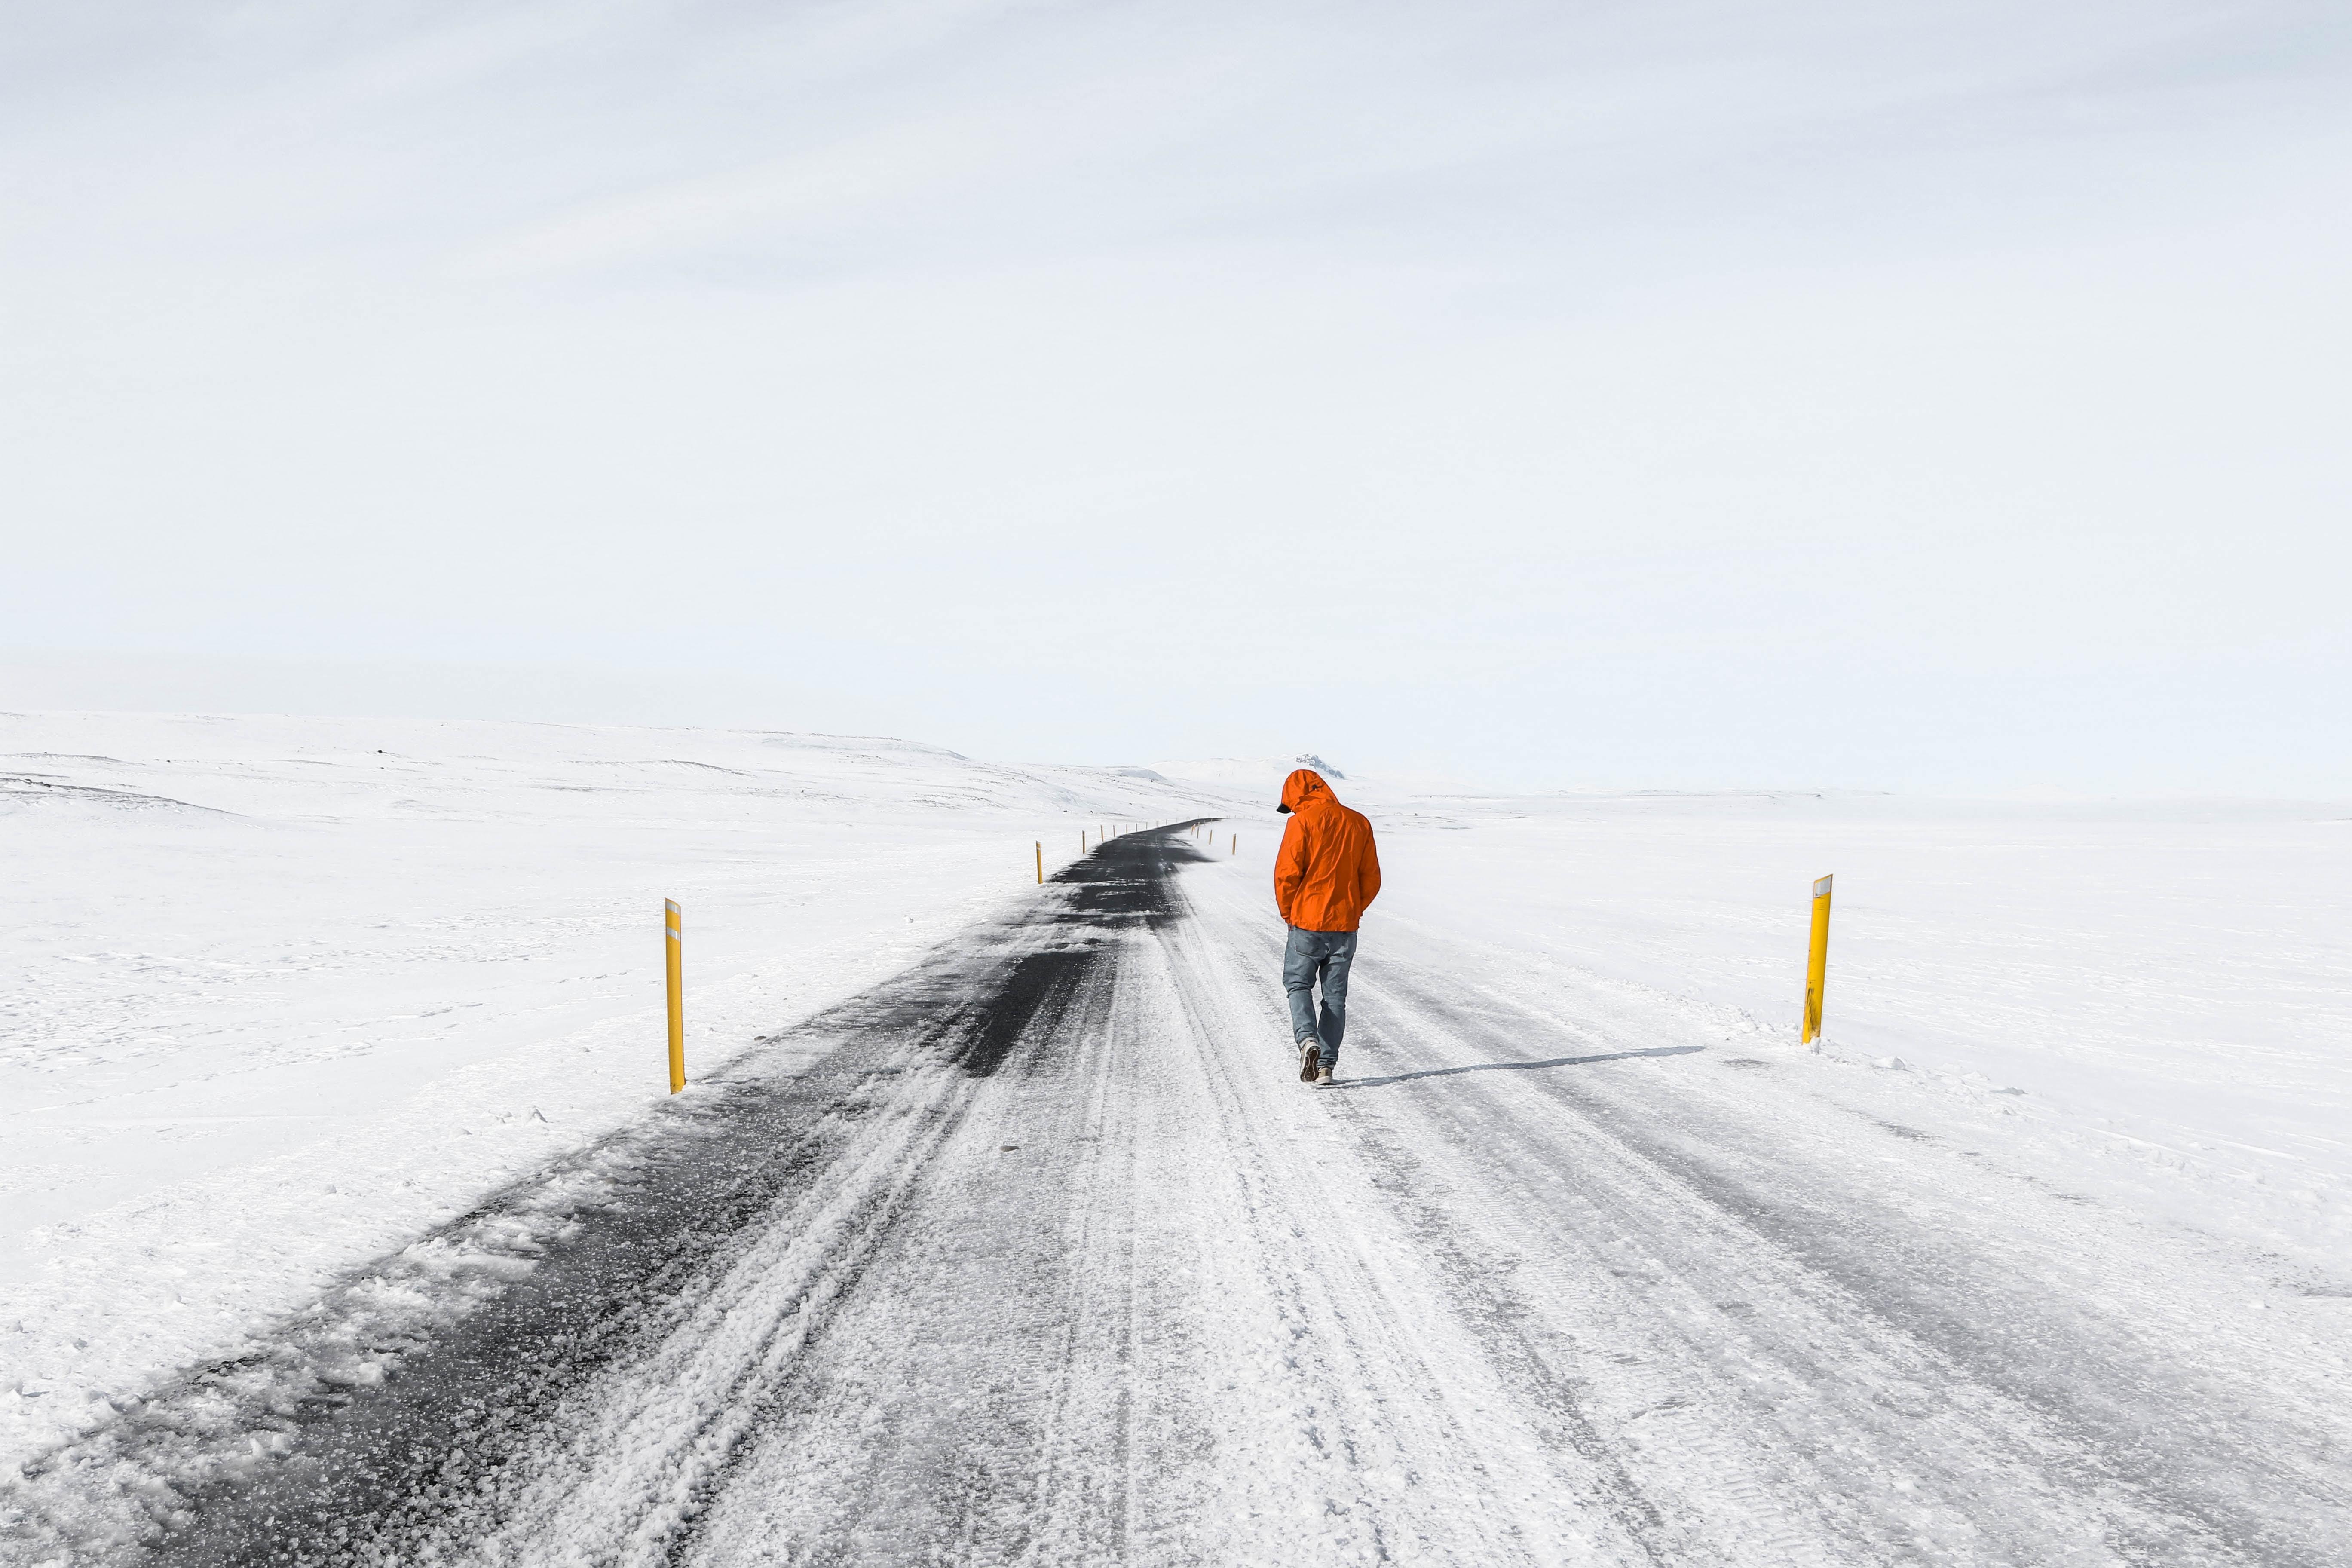 man walking on snowy road